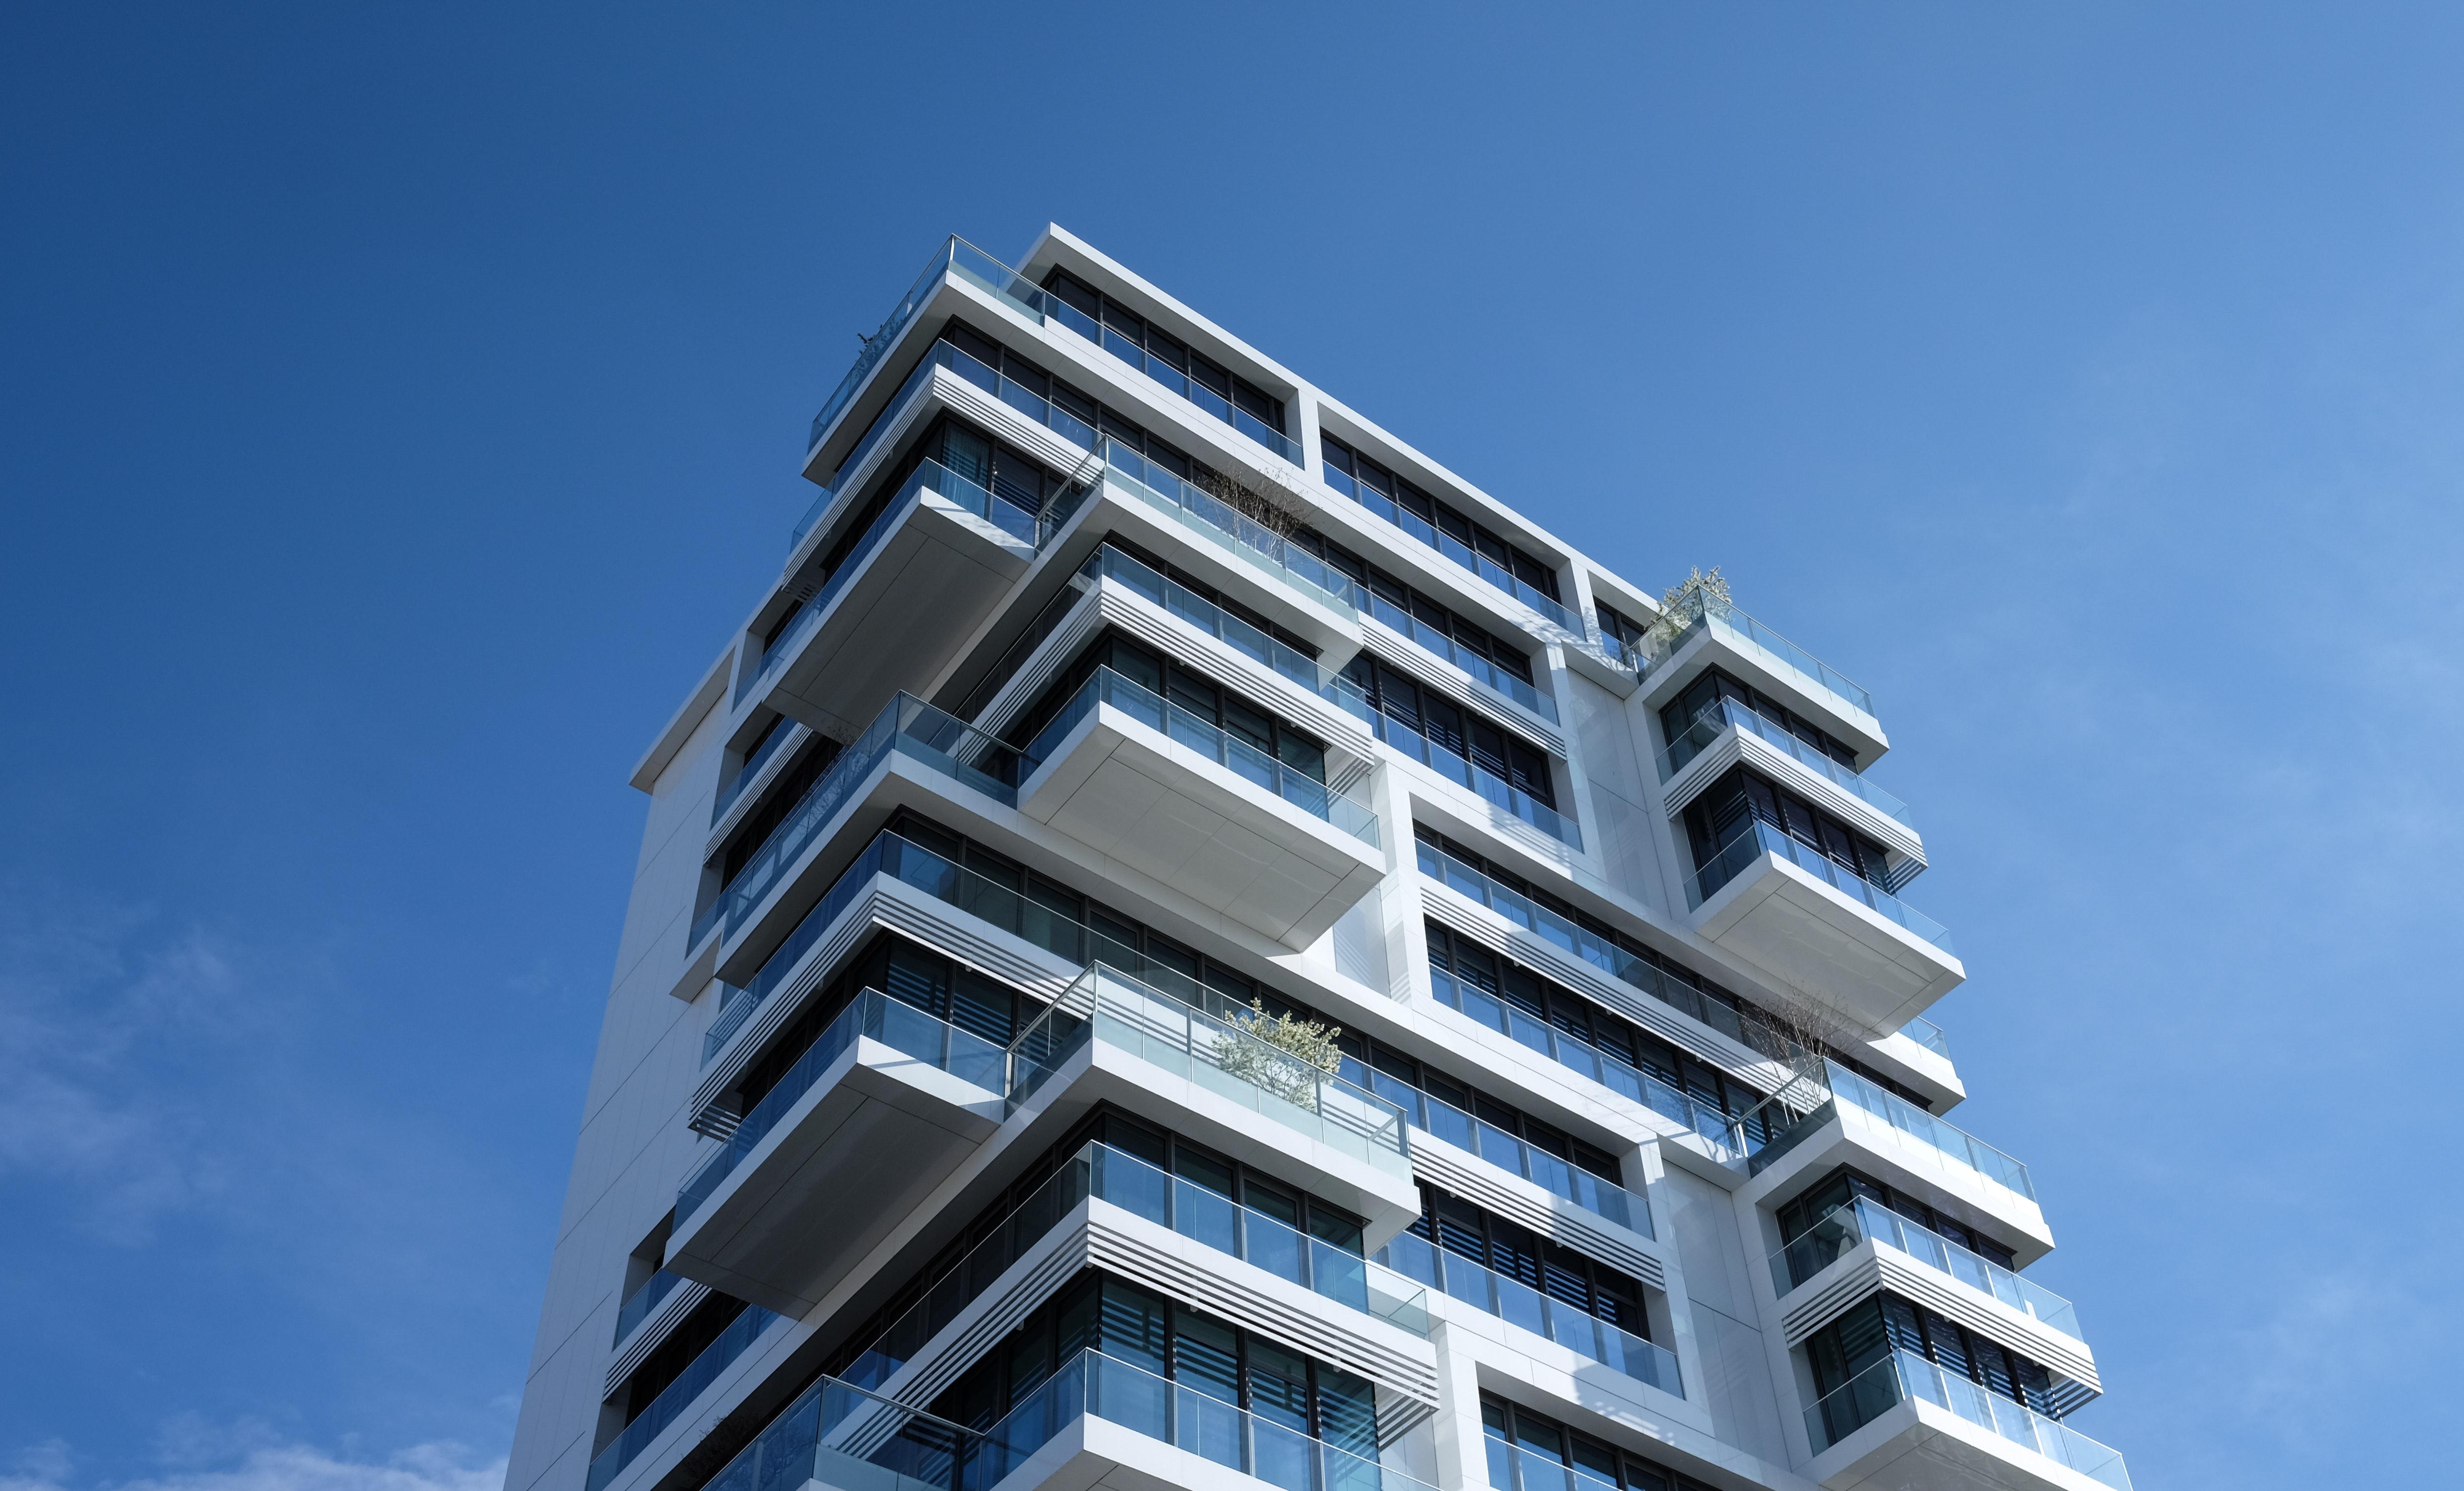 Construtora deve disponibilizar moradia à proprietária de apartamento com grave infiltração